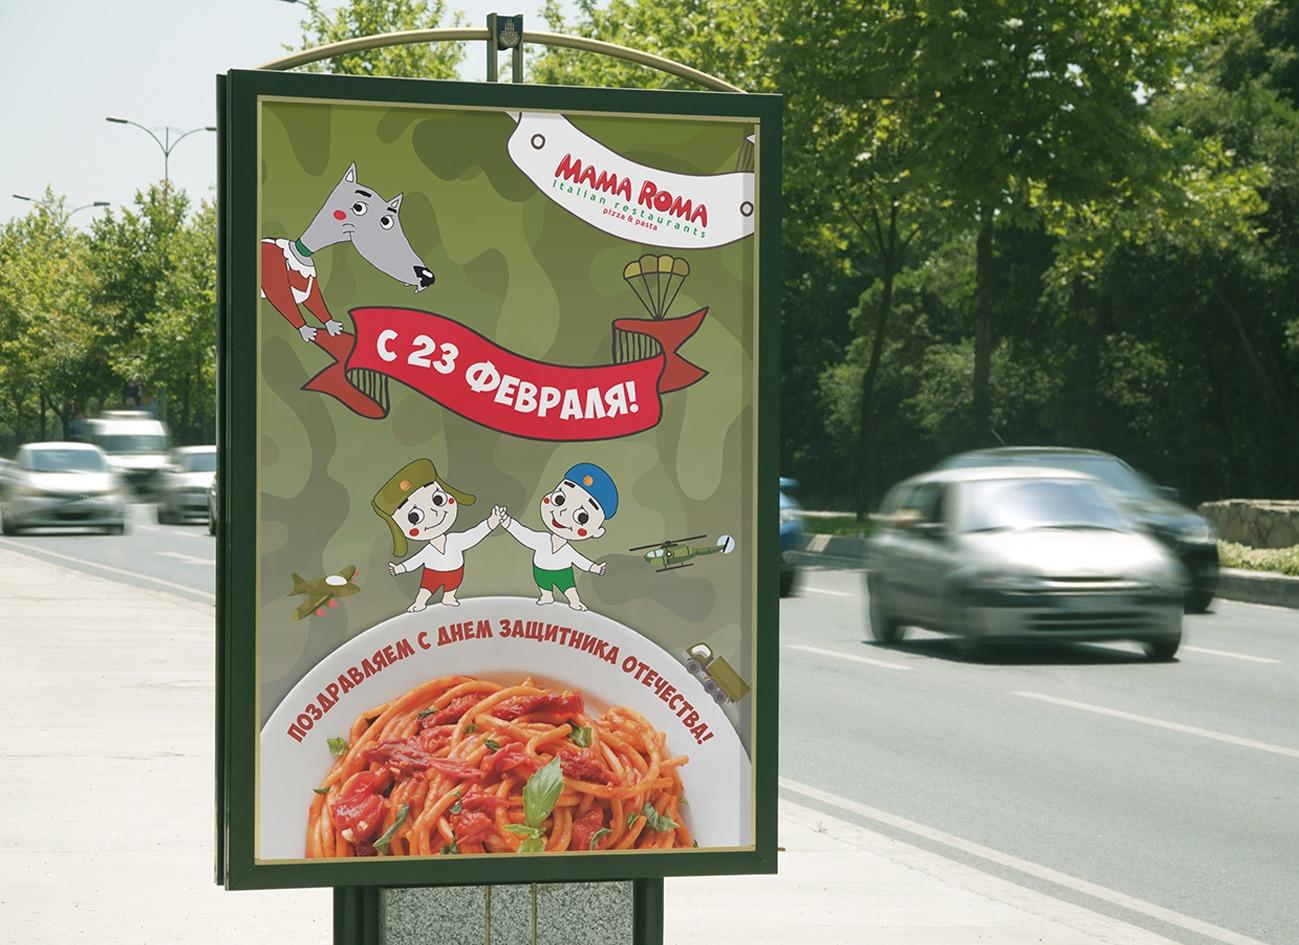 рекламный постер MAMA ROMA